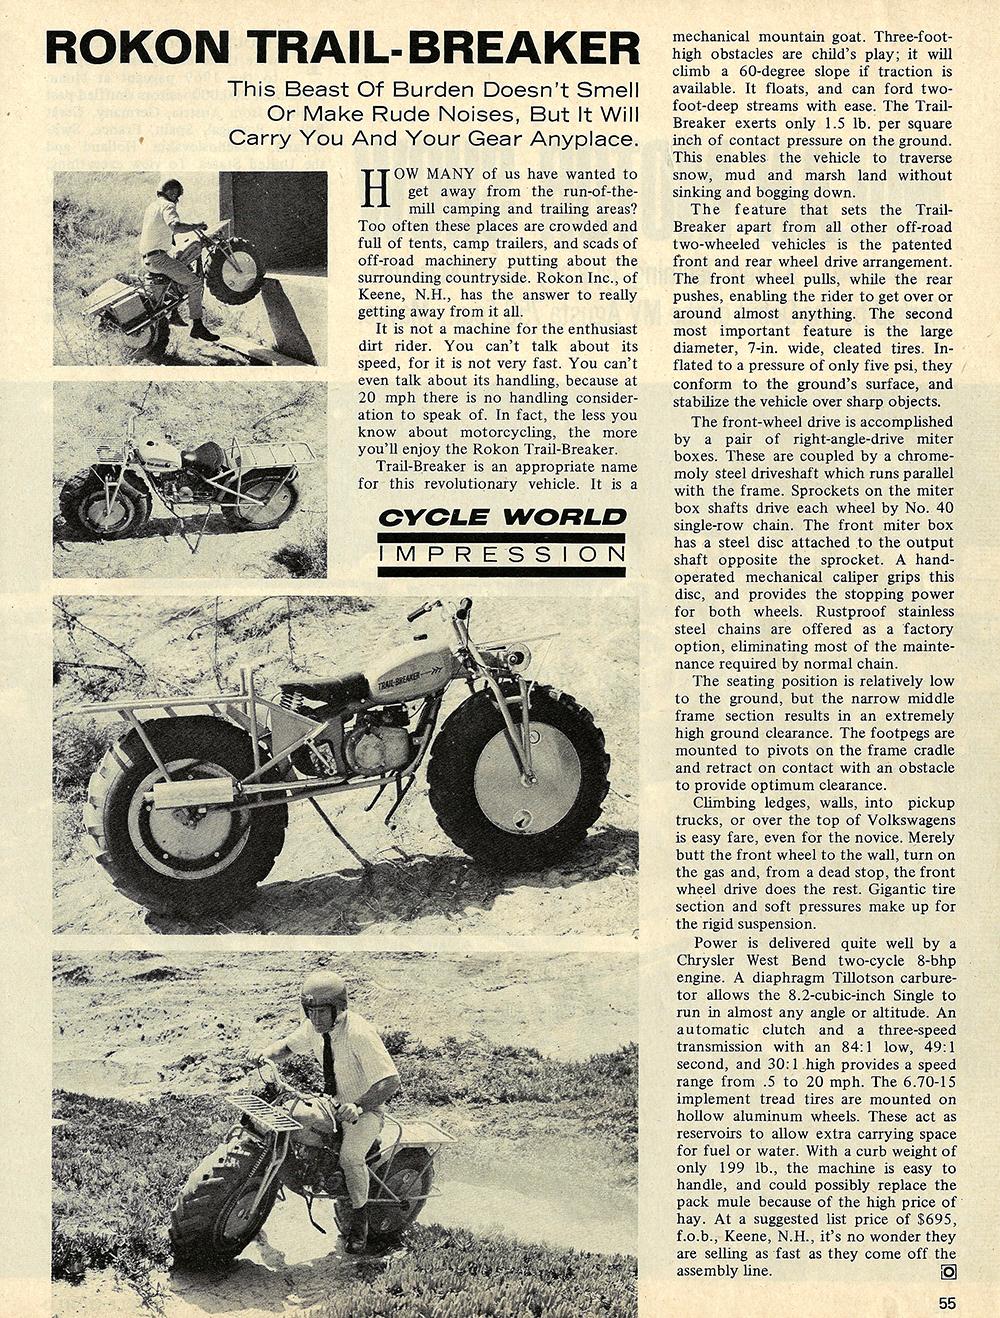 1970 Rokon trail breaker test.jpg